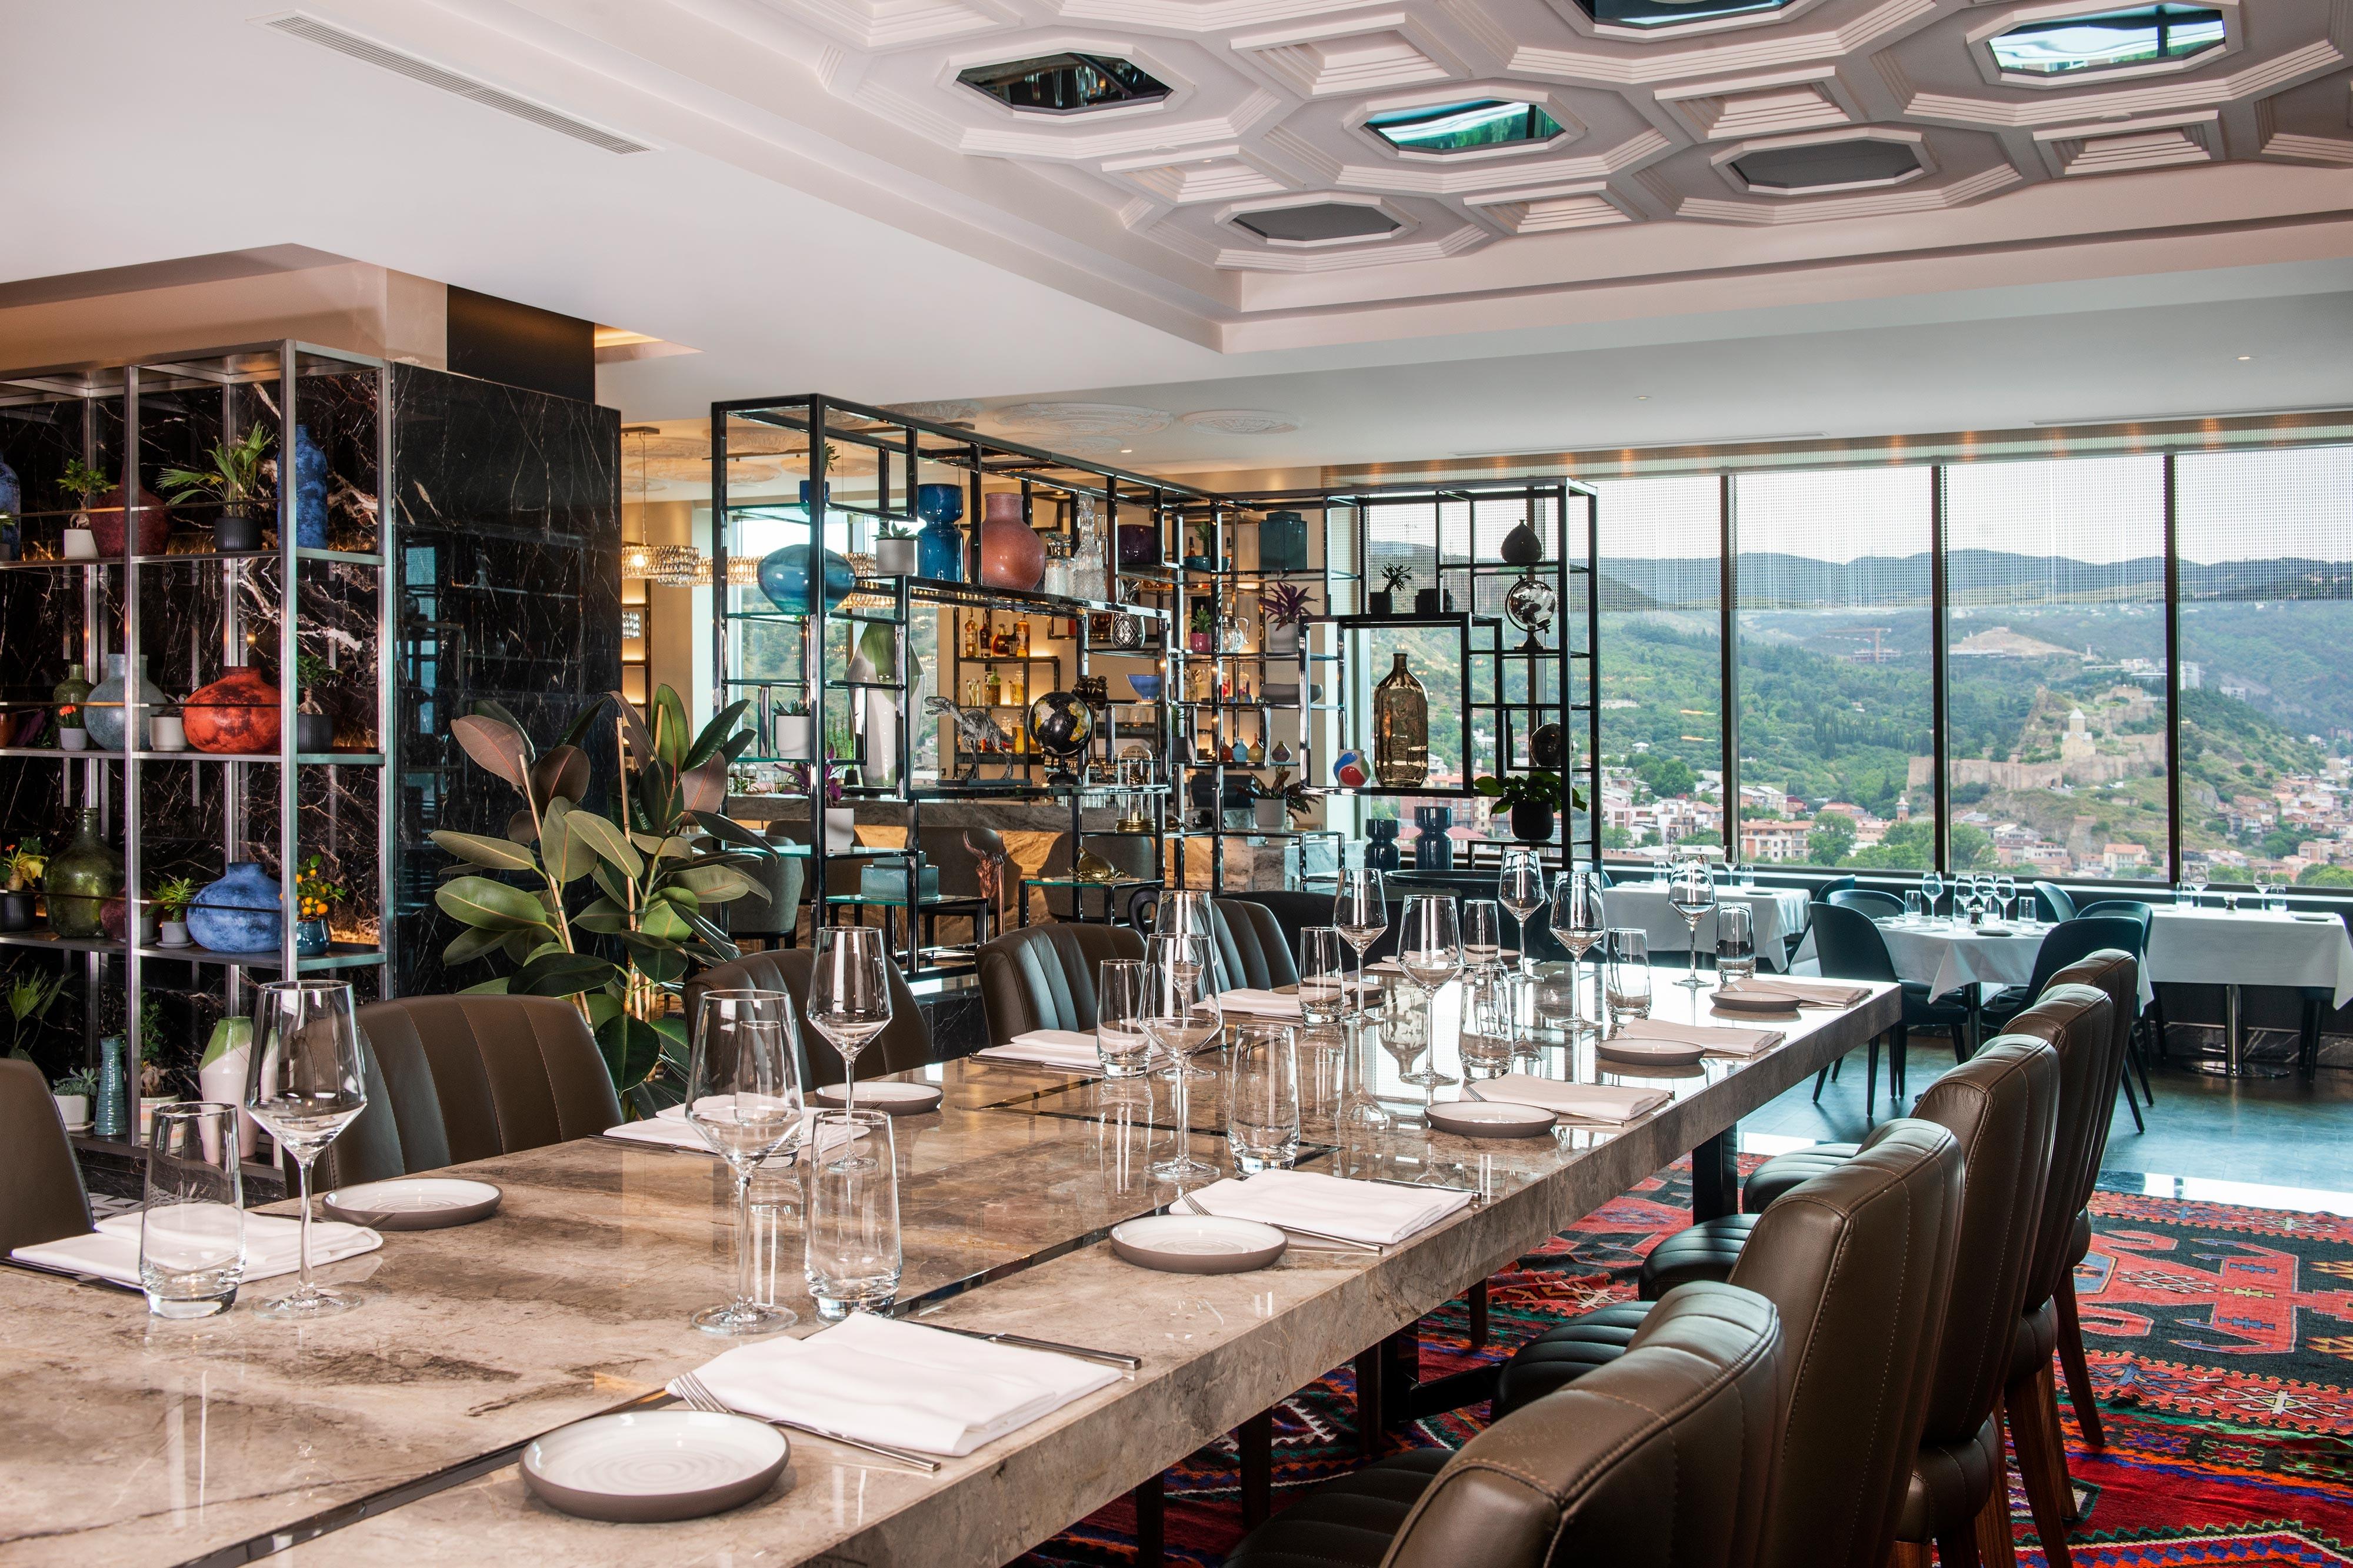 Ati Restaurant